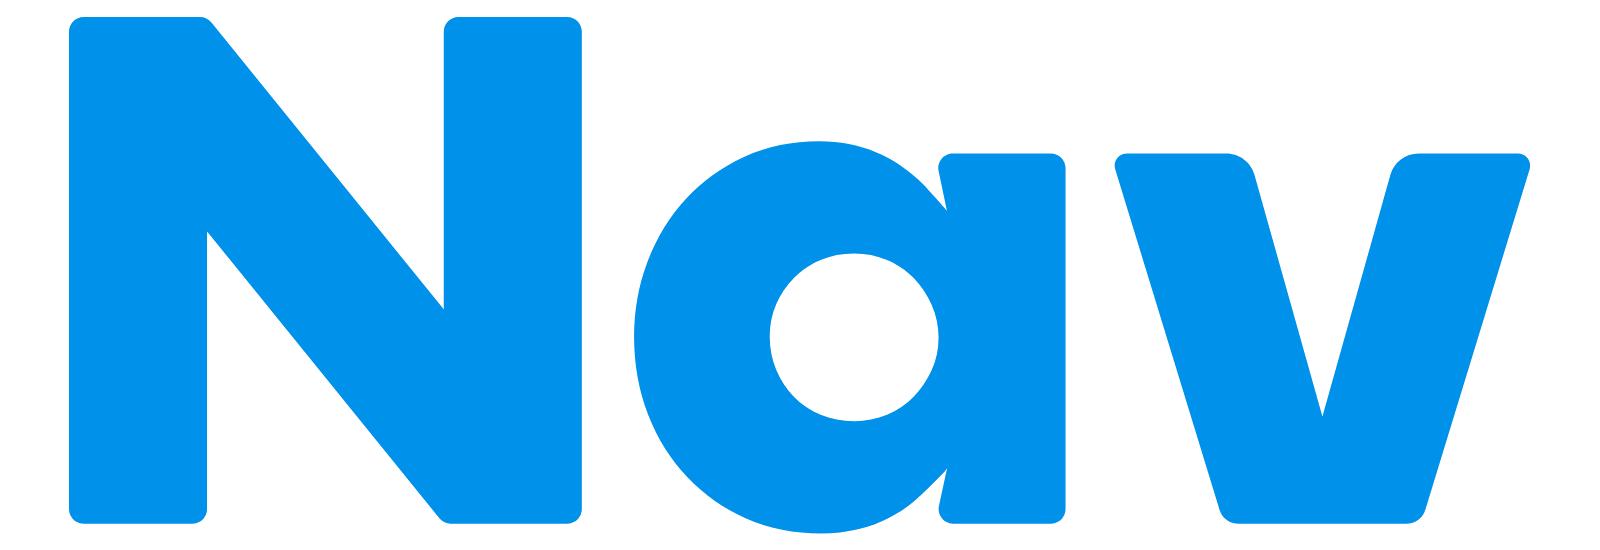 Nav Company Logo